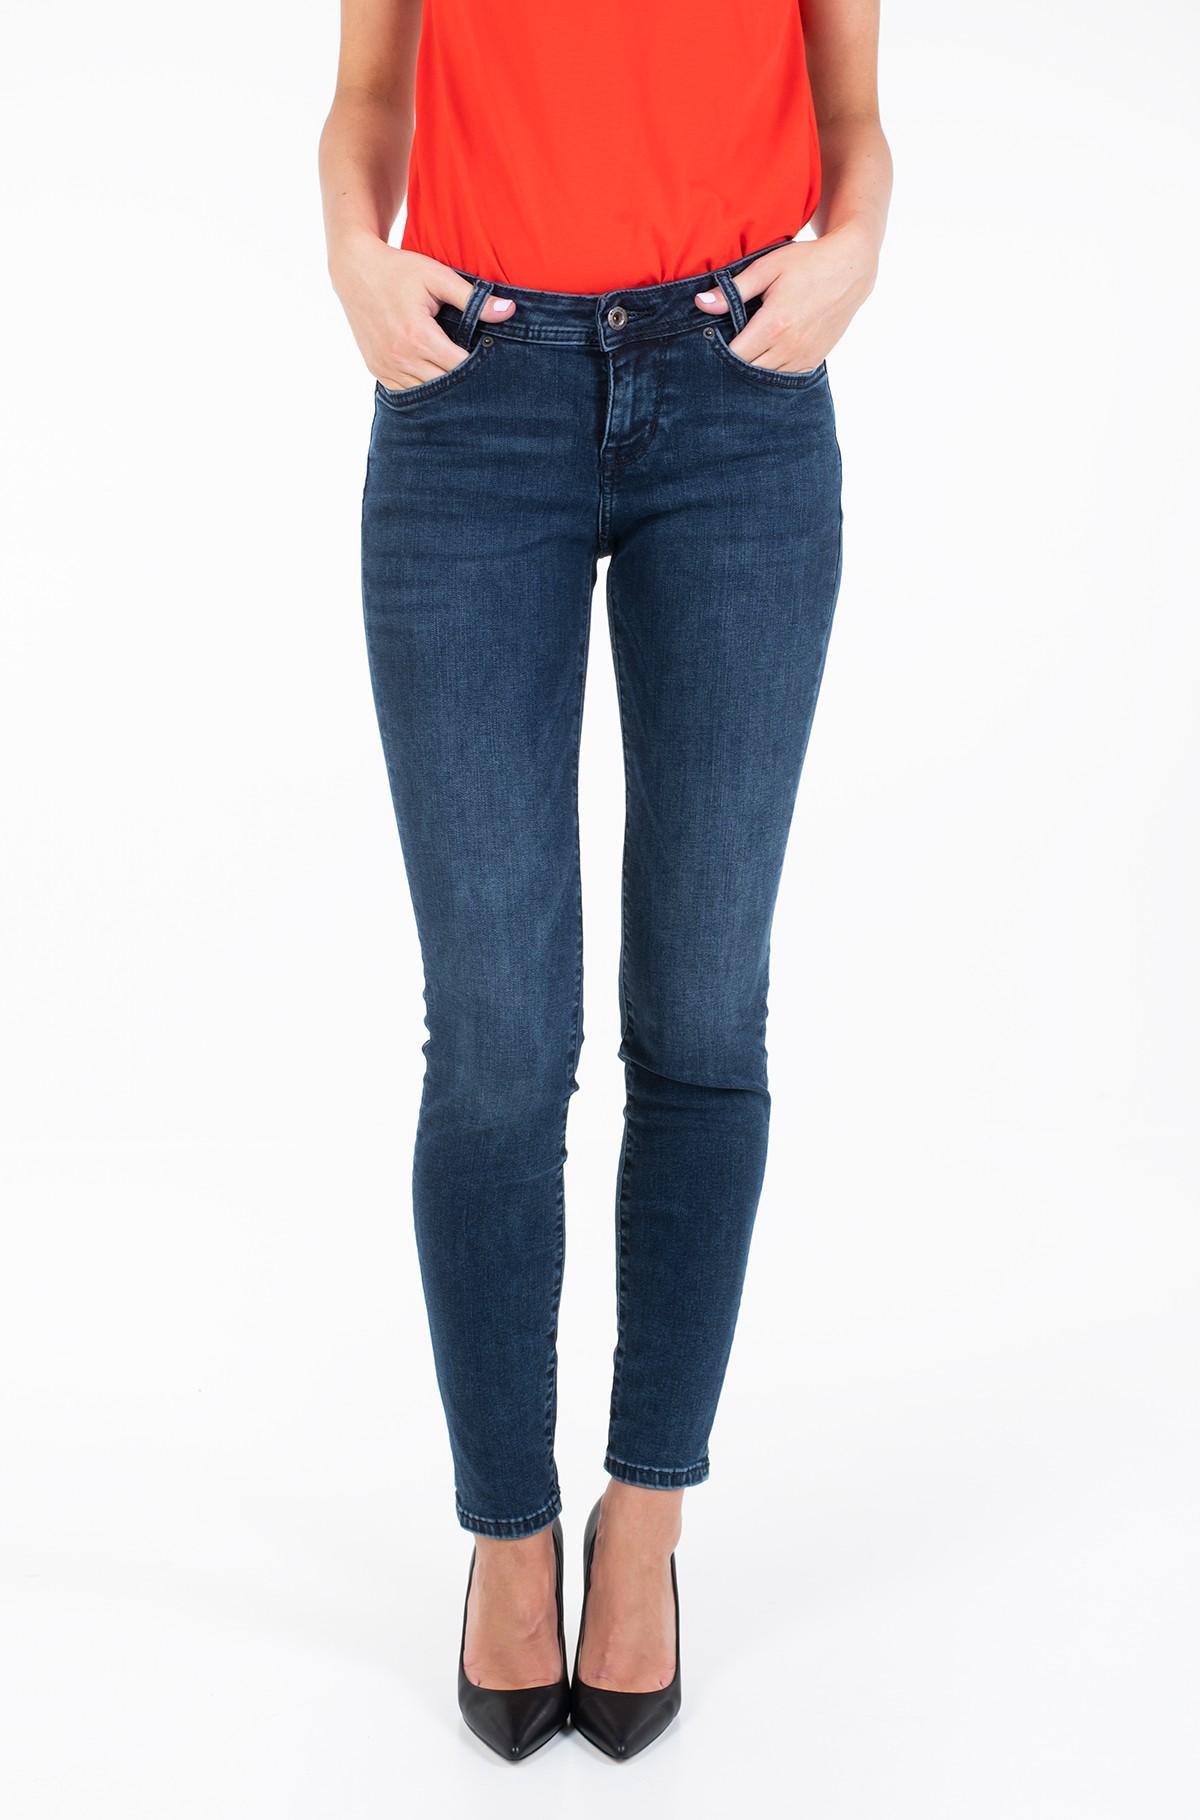 Jeans 1008605-full-1